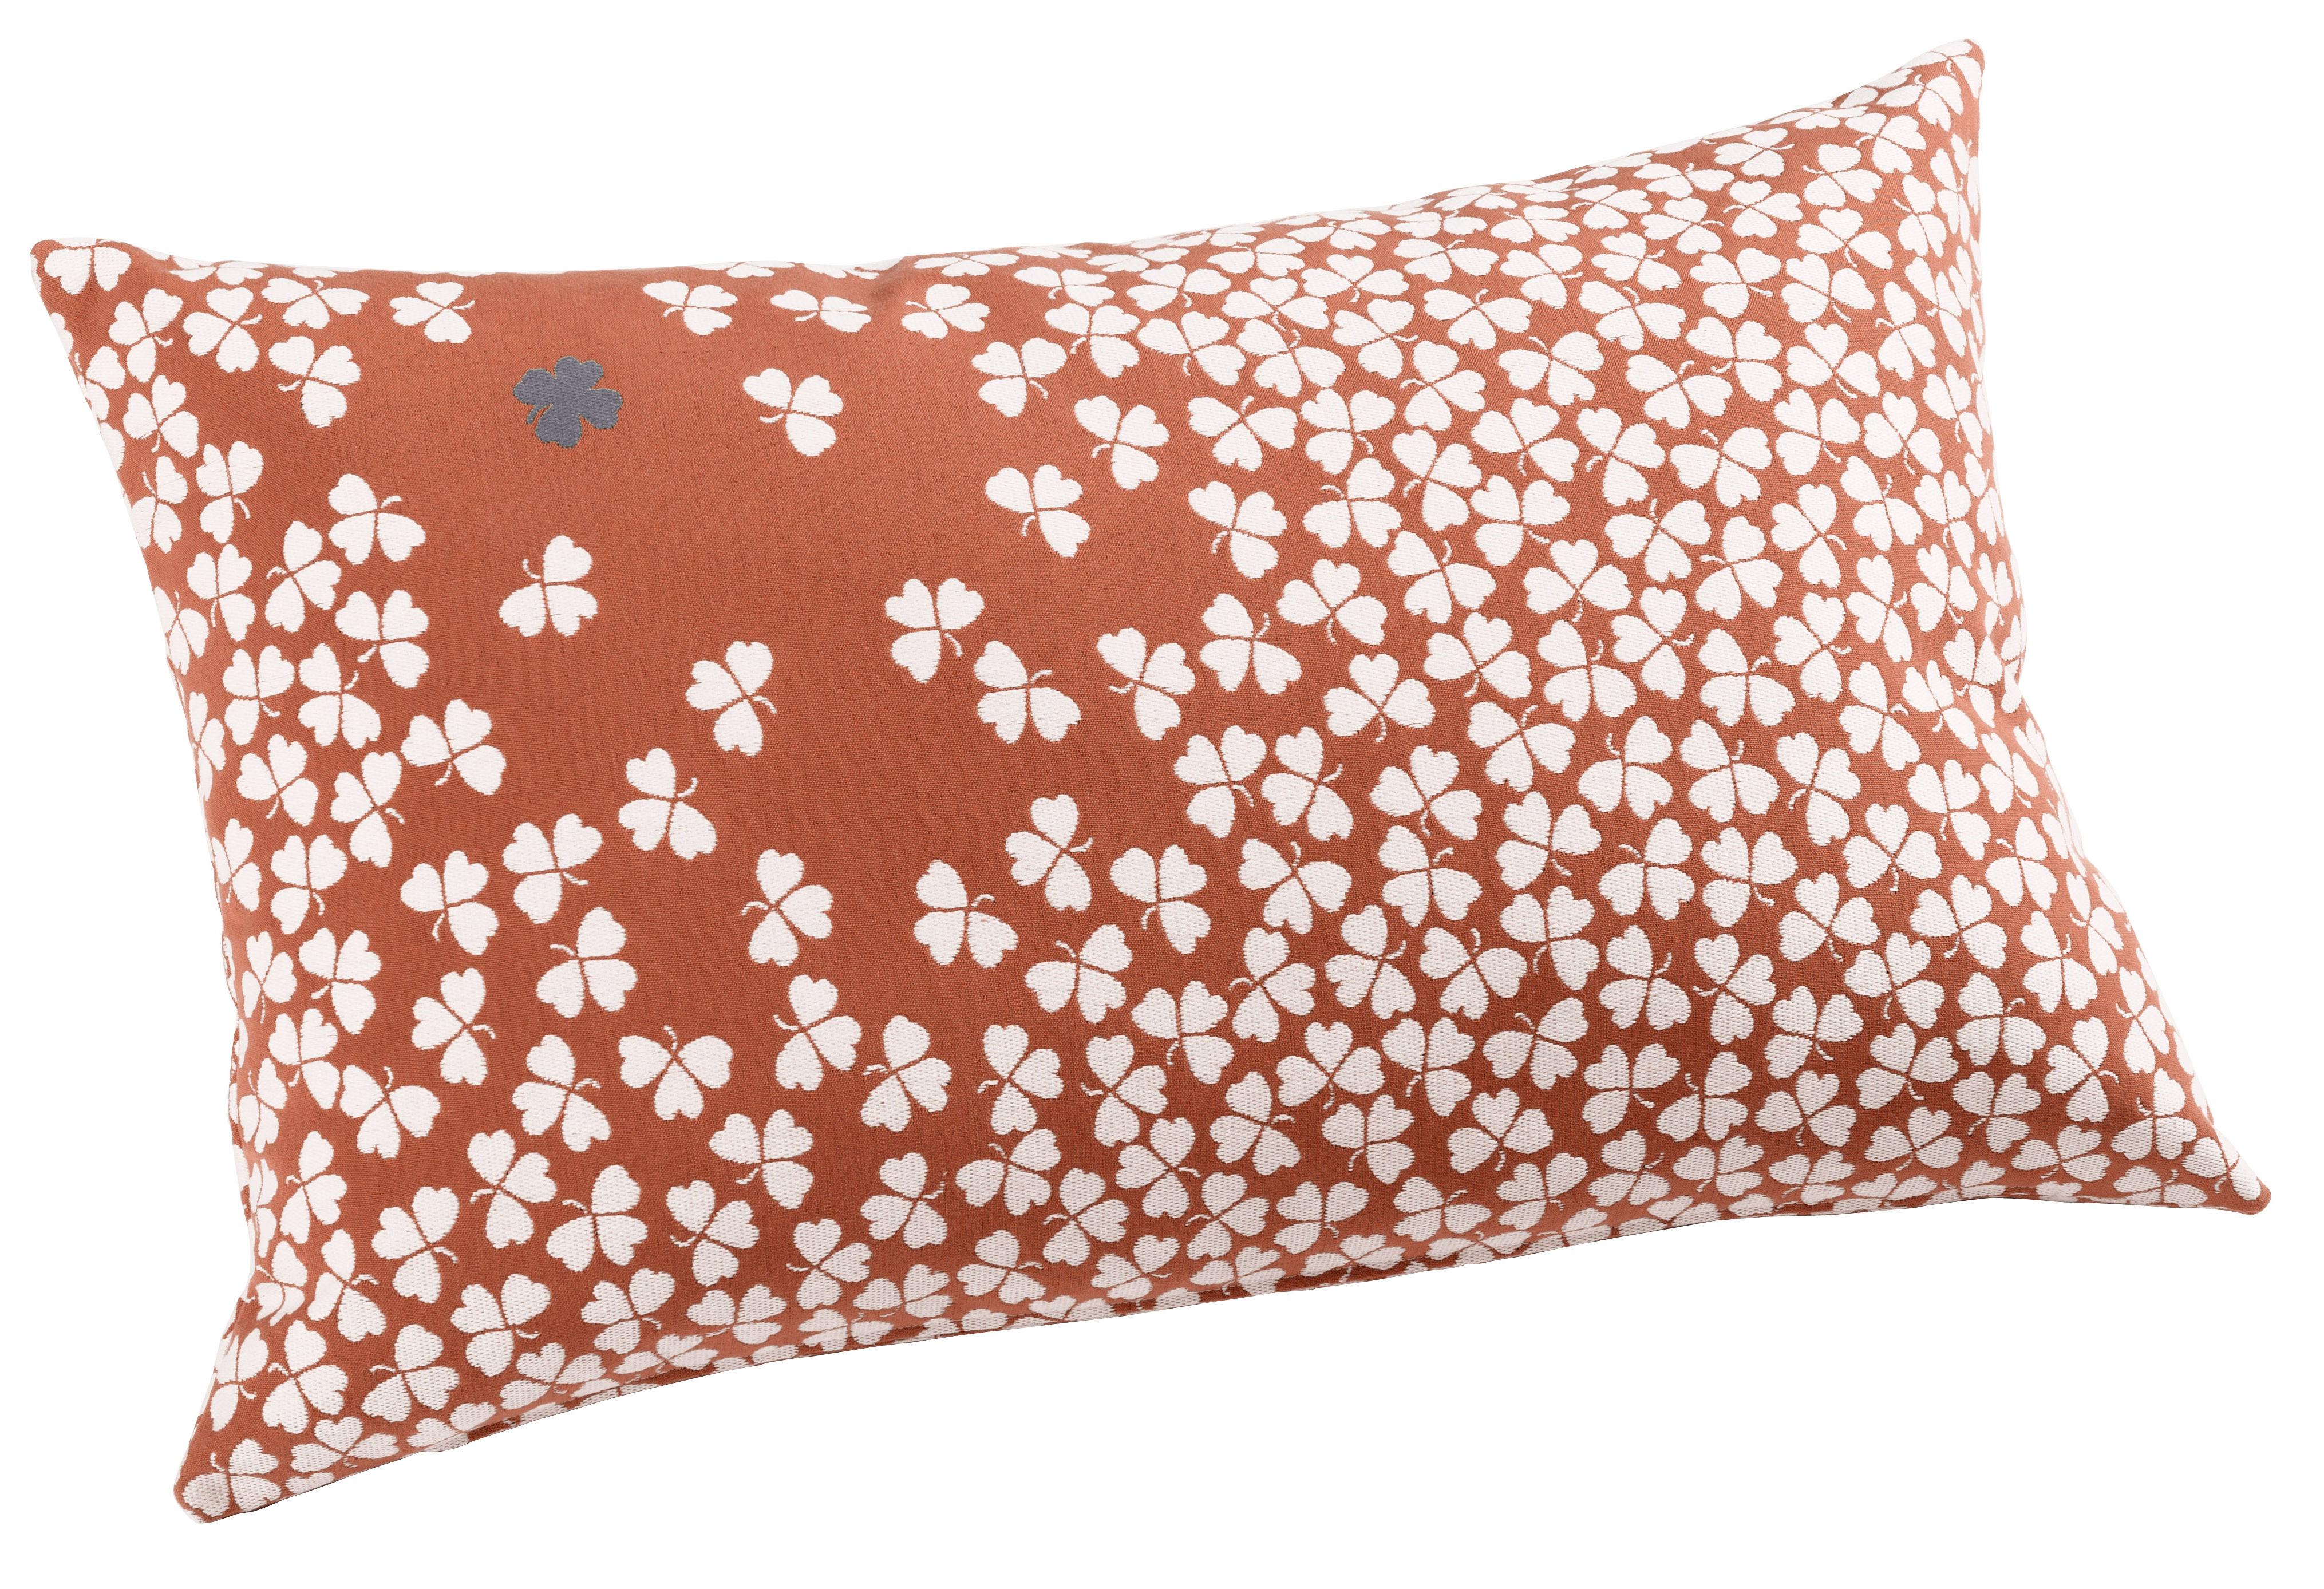 coussin d 39 ext rieur tr fle 68x44 cm corail fermob. Black Bedroom Furniture Sets. Home Design Ideas